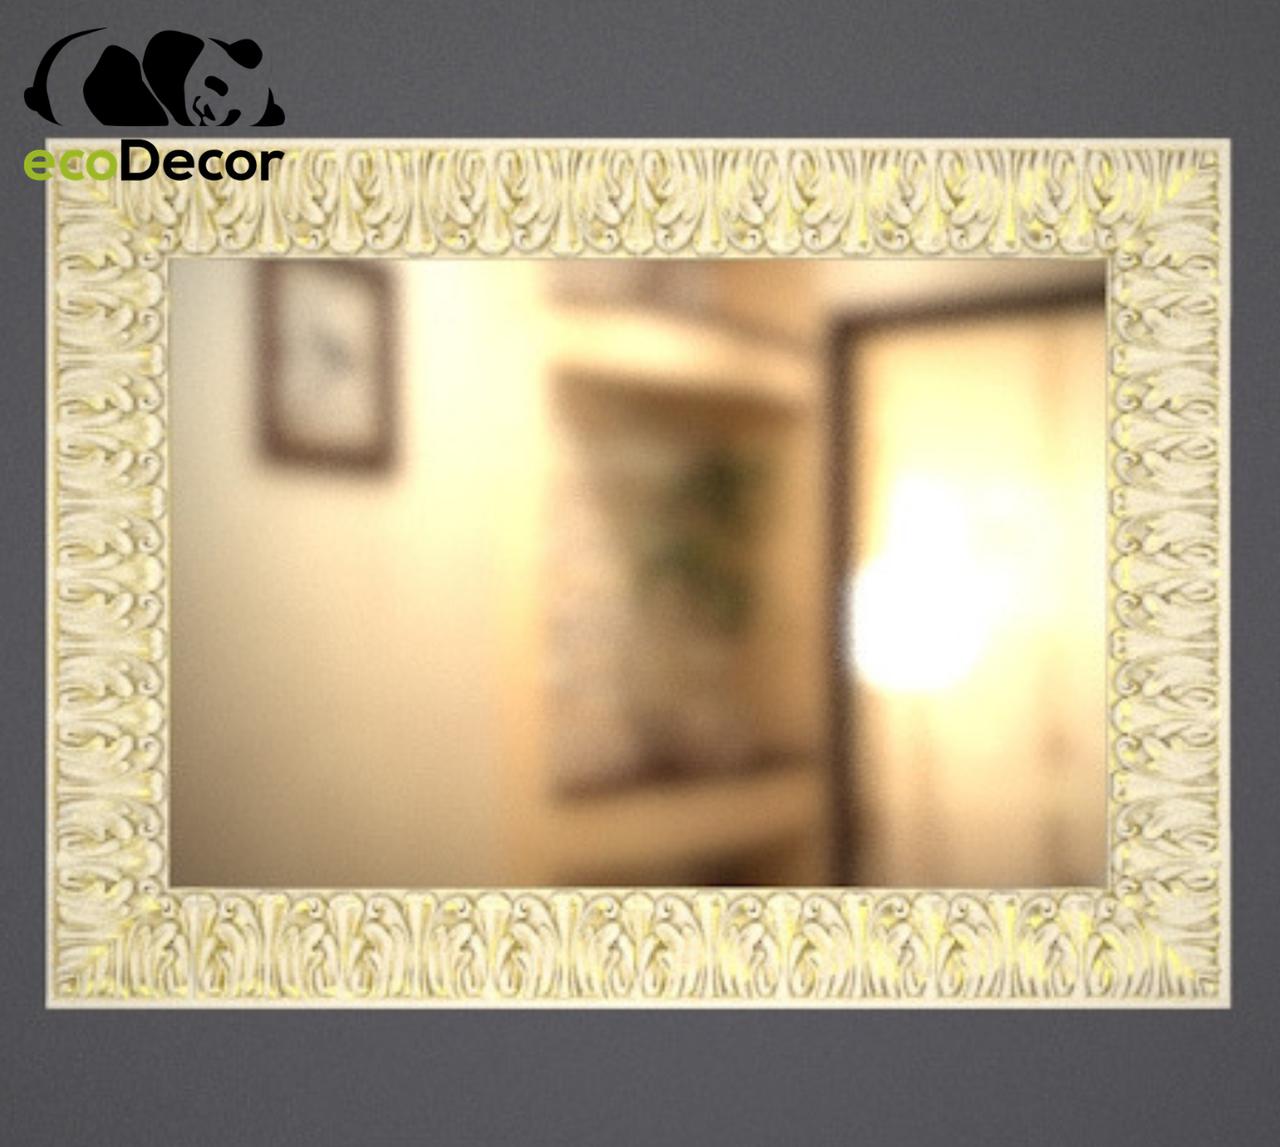 Зеркало настенное Lucknow в белой с золотом раме